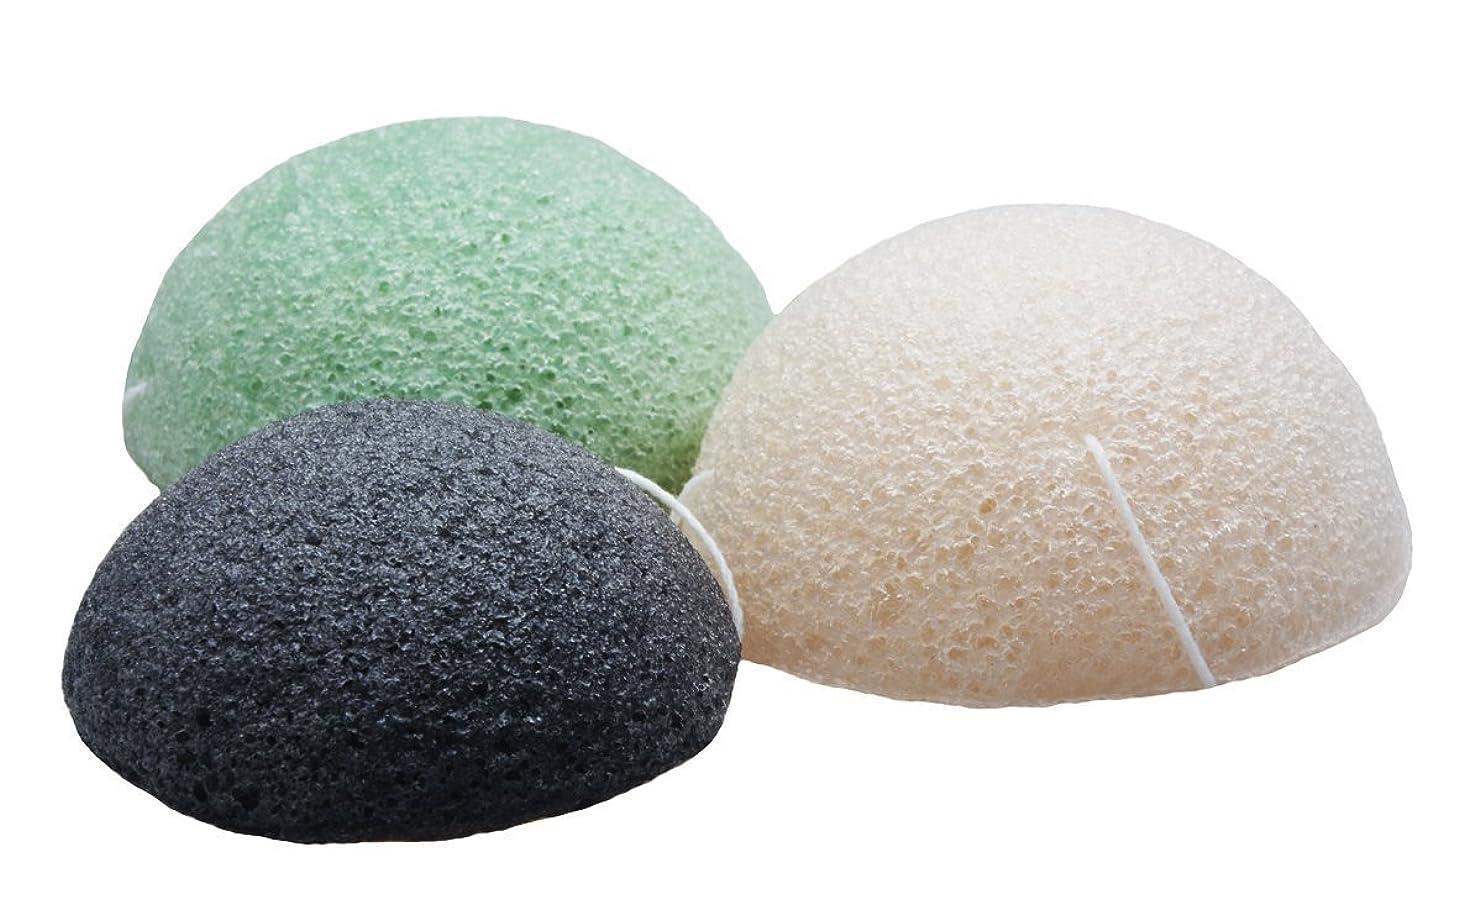 特許パーフェルビッド仮説Sinland こんにゃくスポンジ 蒟蒻洗顔マッサージパフ 3色セット 乳白 緑茶 竹炭